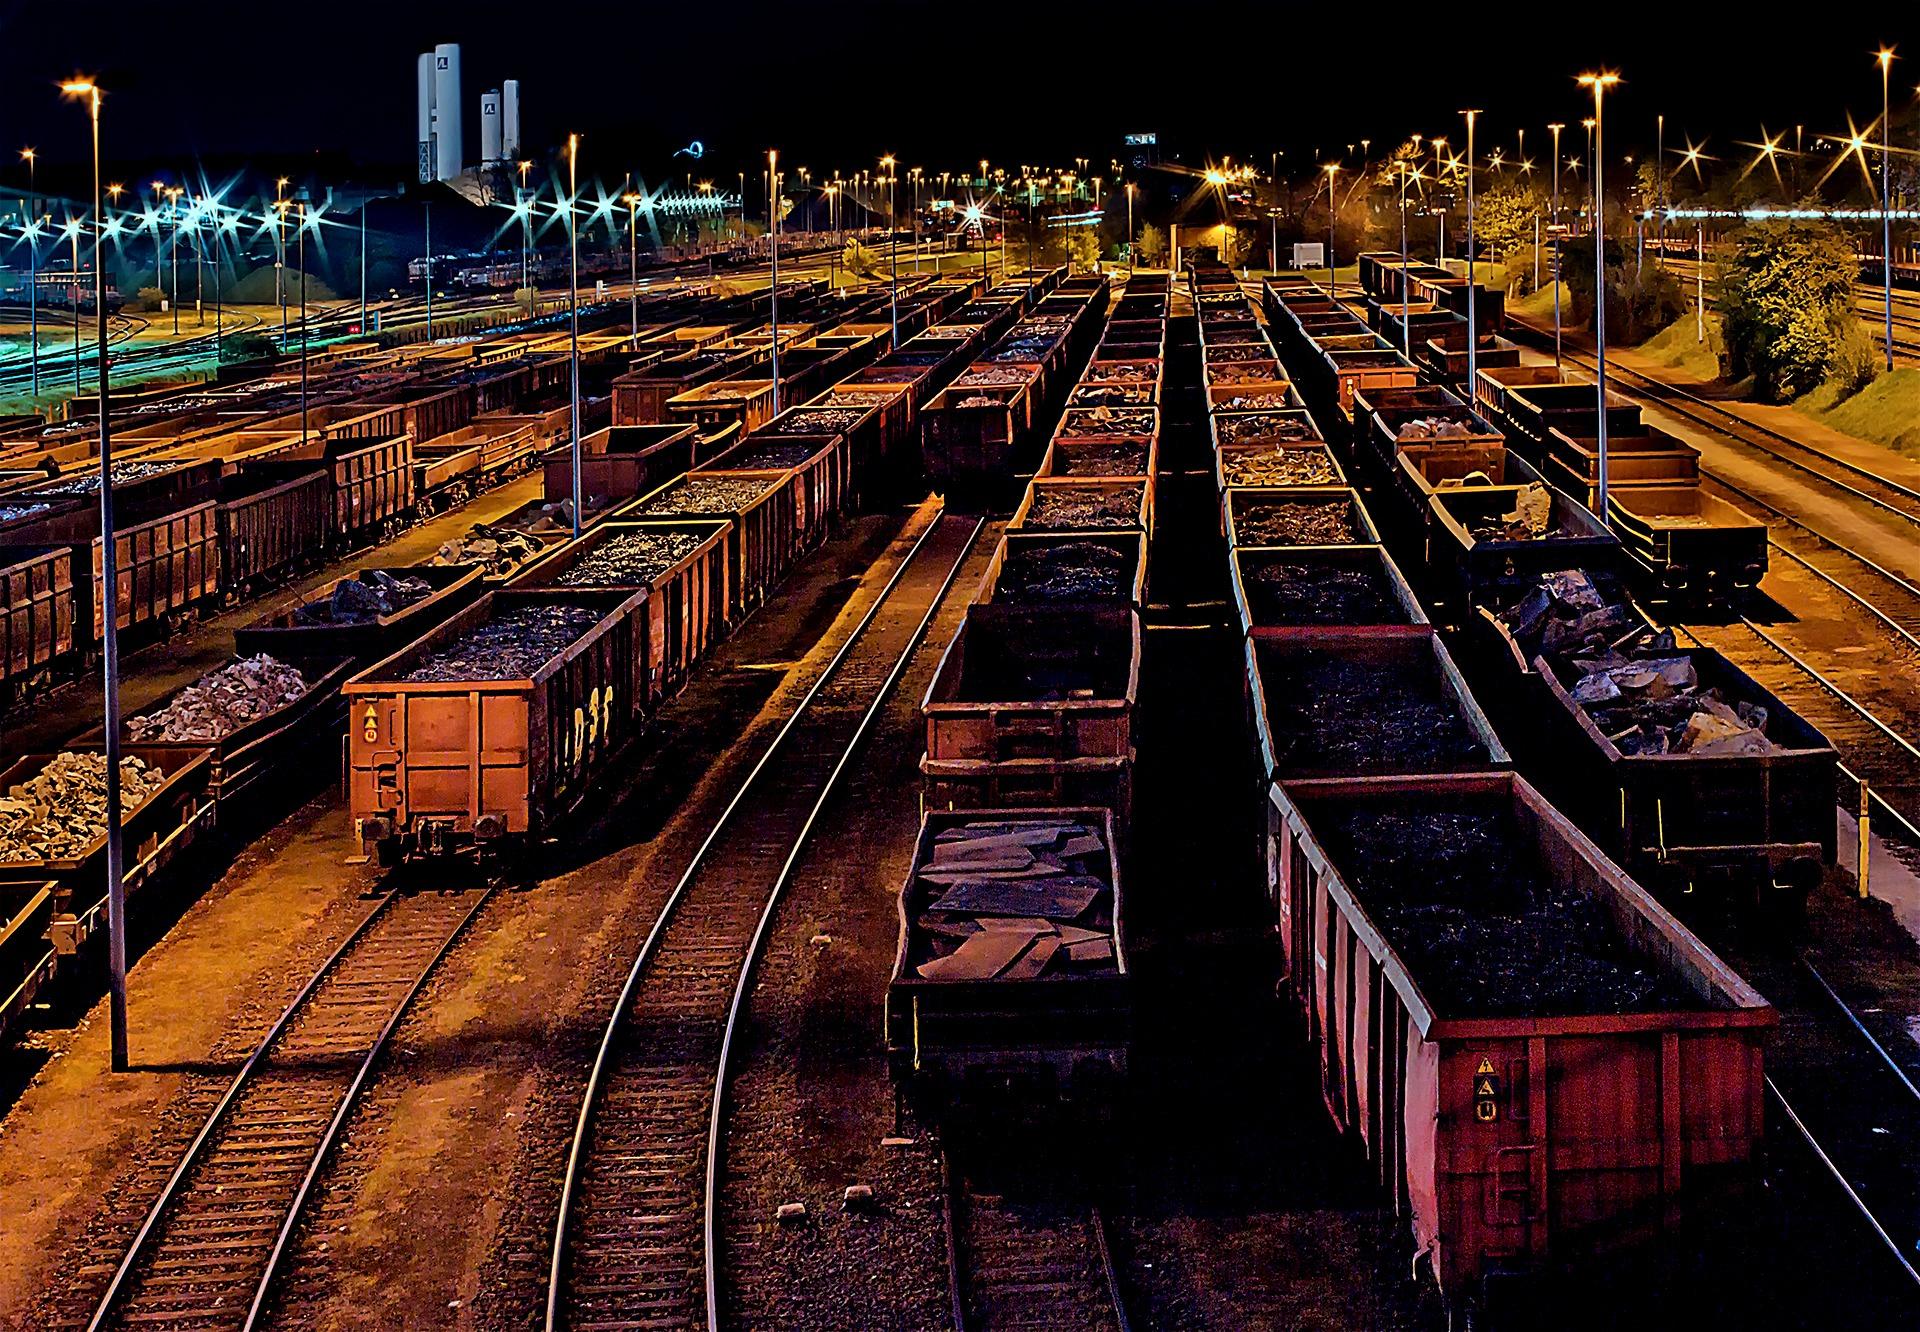 goods-station-337142.jpg